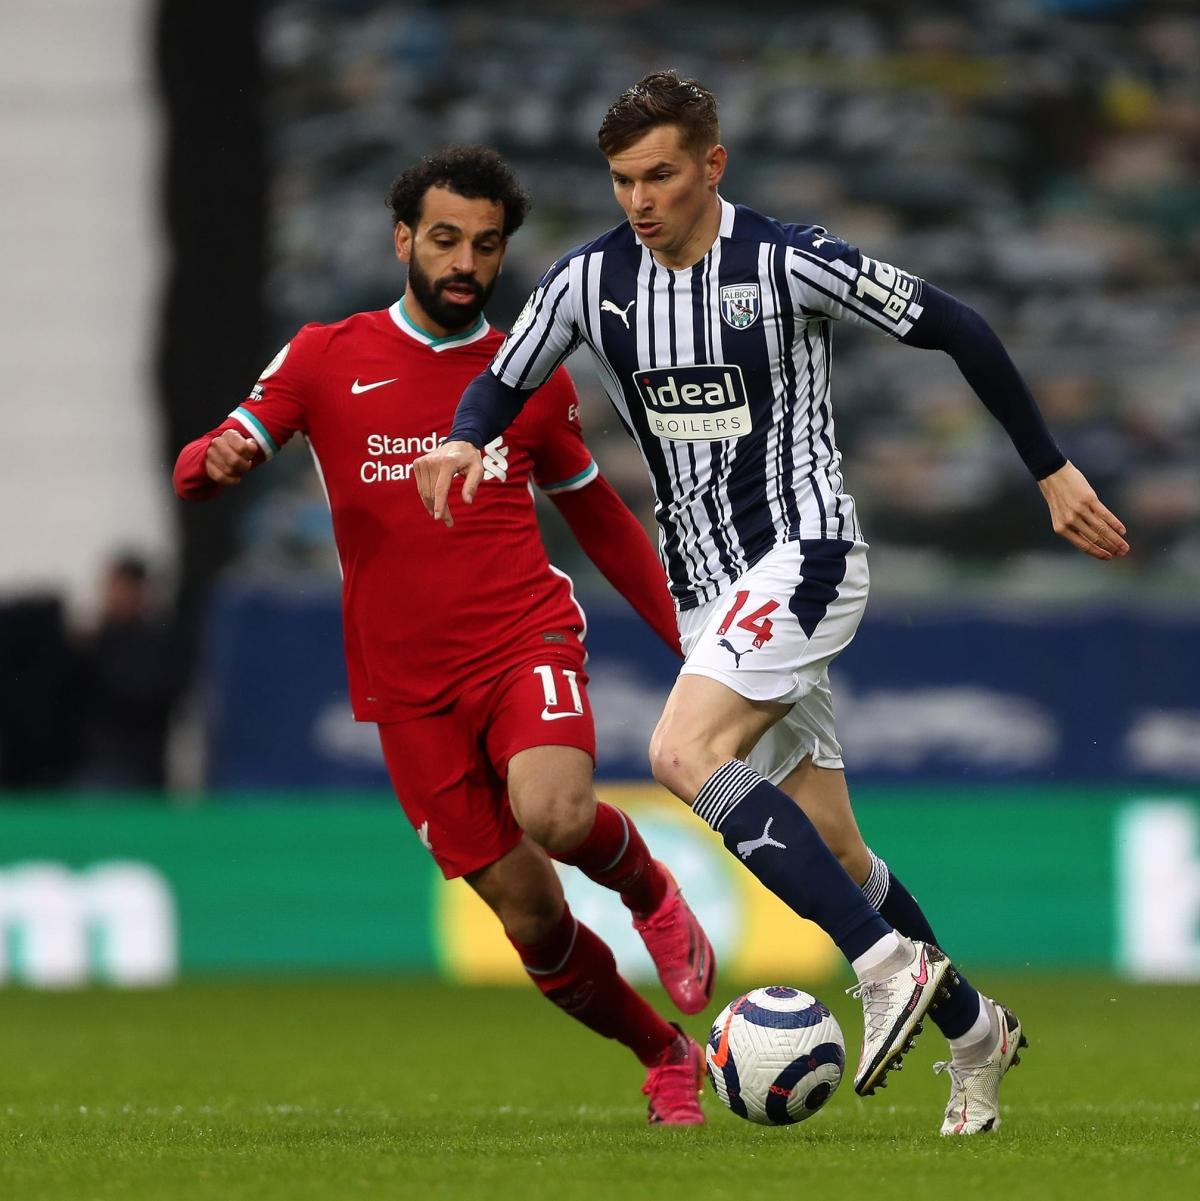 Salah và Liverpool đang làm tất cả để có thể giành chiến thắng trước West Brom. (Ảnh: Getty).